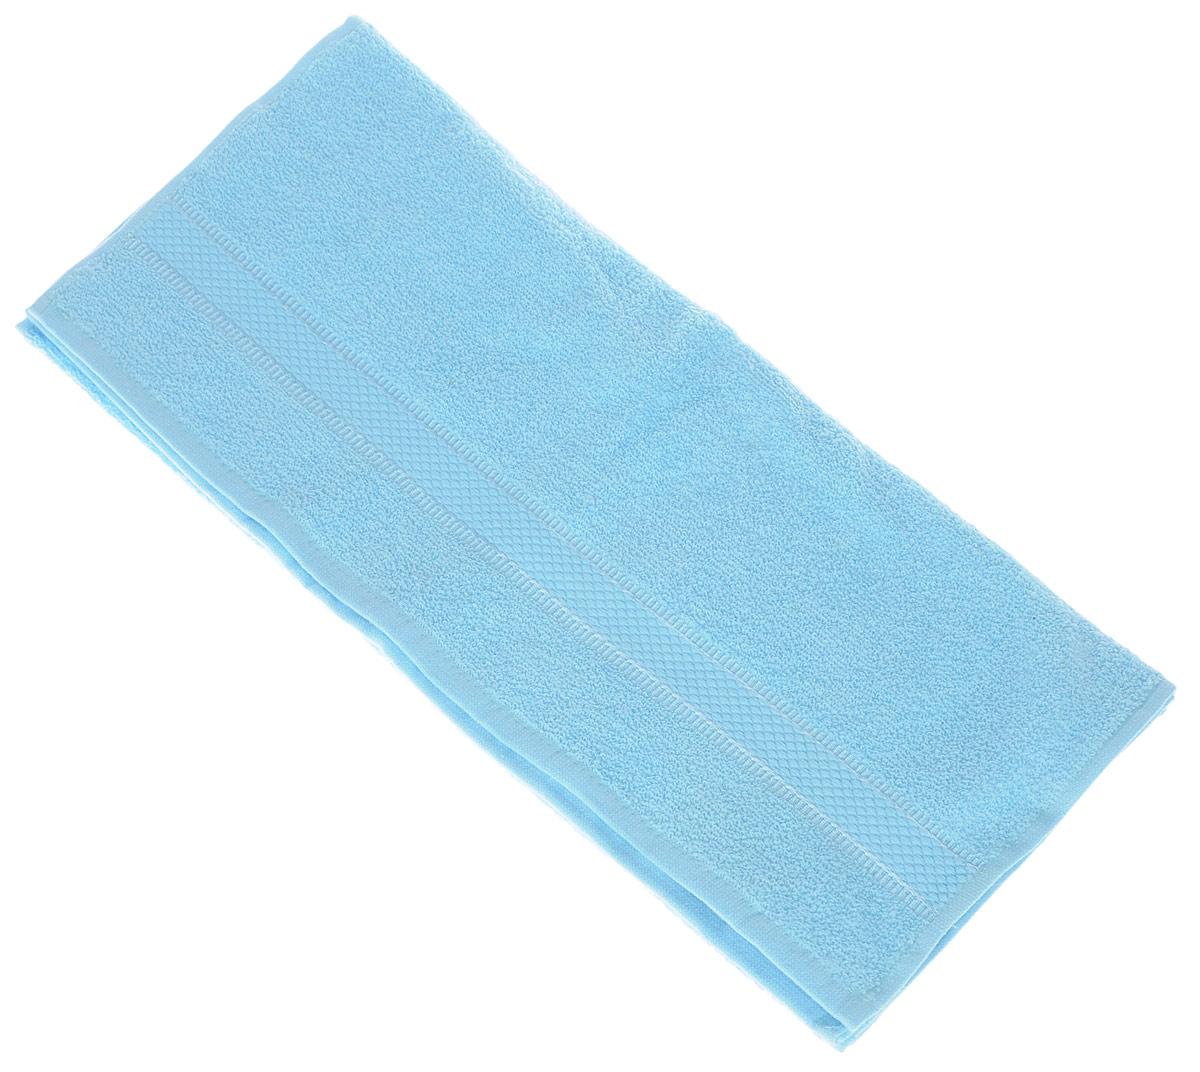 Полотенце Brielle Basic, цвет: бирюзовый, 50 х 85 см98299571Полотенце Brielle Basic выполнено из 100% хлопка. Изделие очень мягкое, оно отлично впитывает влагу, быстро сохнет, сохраняет яркость цвета и не теряет формы даже после многократных стирок. Лаконичные бордюры подойдут для любого интерьера ванной комнаты. Полотенце прекрасно впитывает влагу и быстро сохнет. При соблюдении рекомендаций по уходу не линяет и не теряет форму даже после многократных стирок.Полотенце Brielle Basic очень практично и неприхотливо в уходе.Такое полотенце послужит приятным подарком.